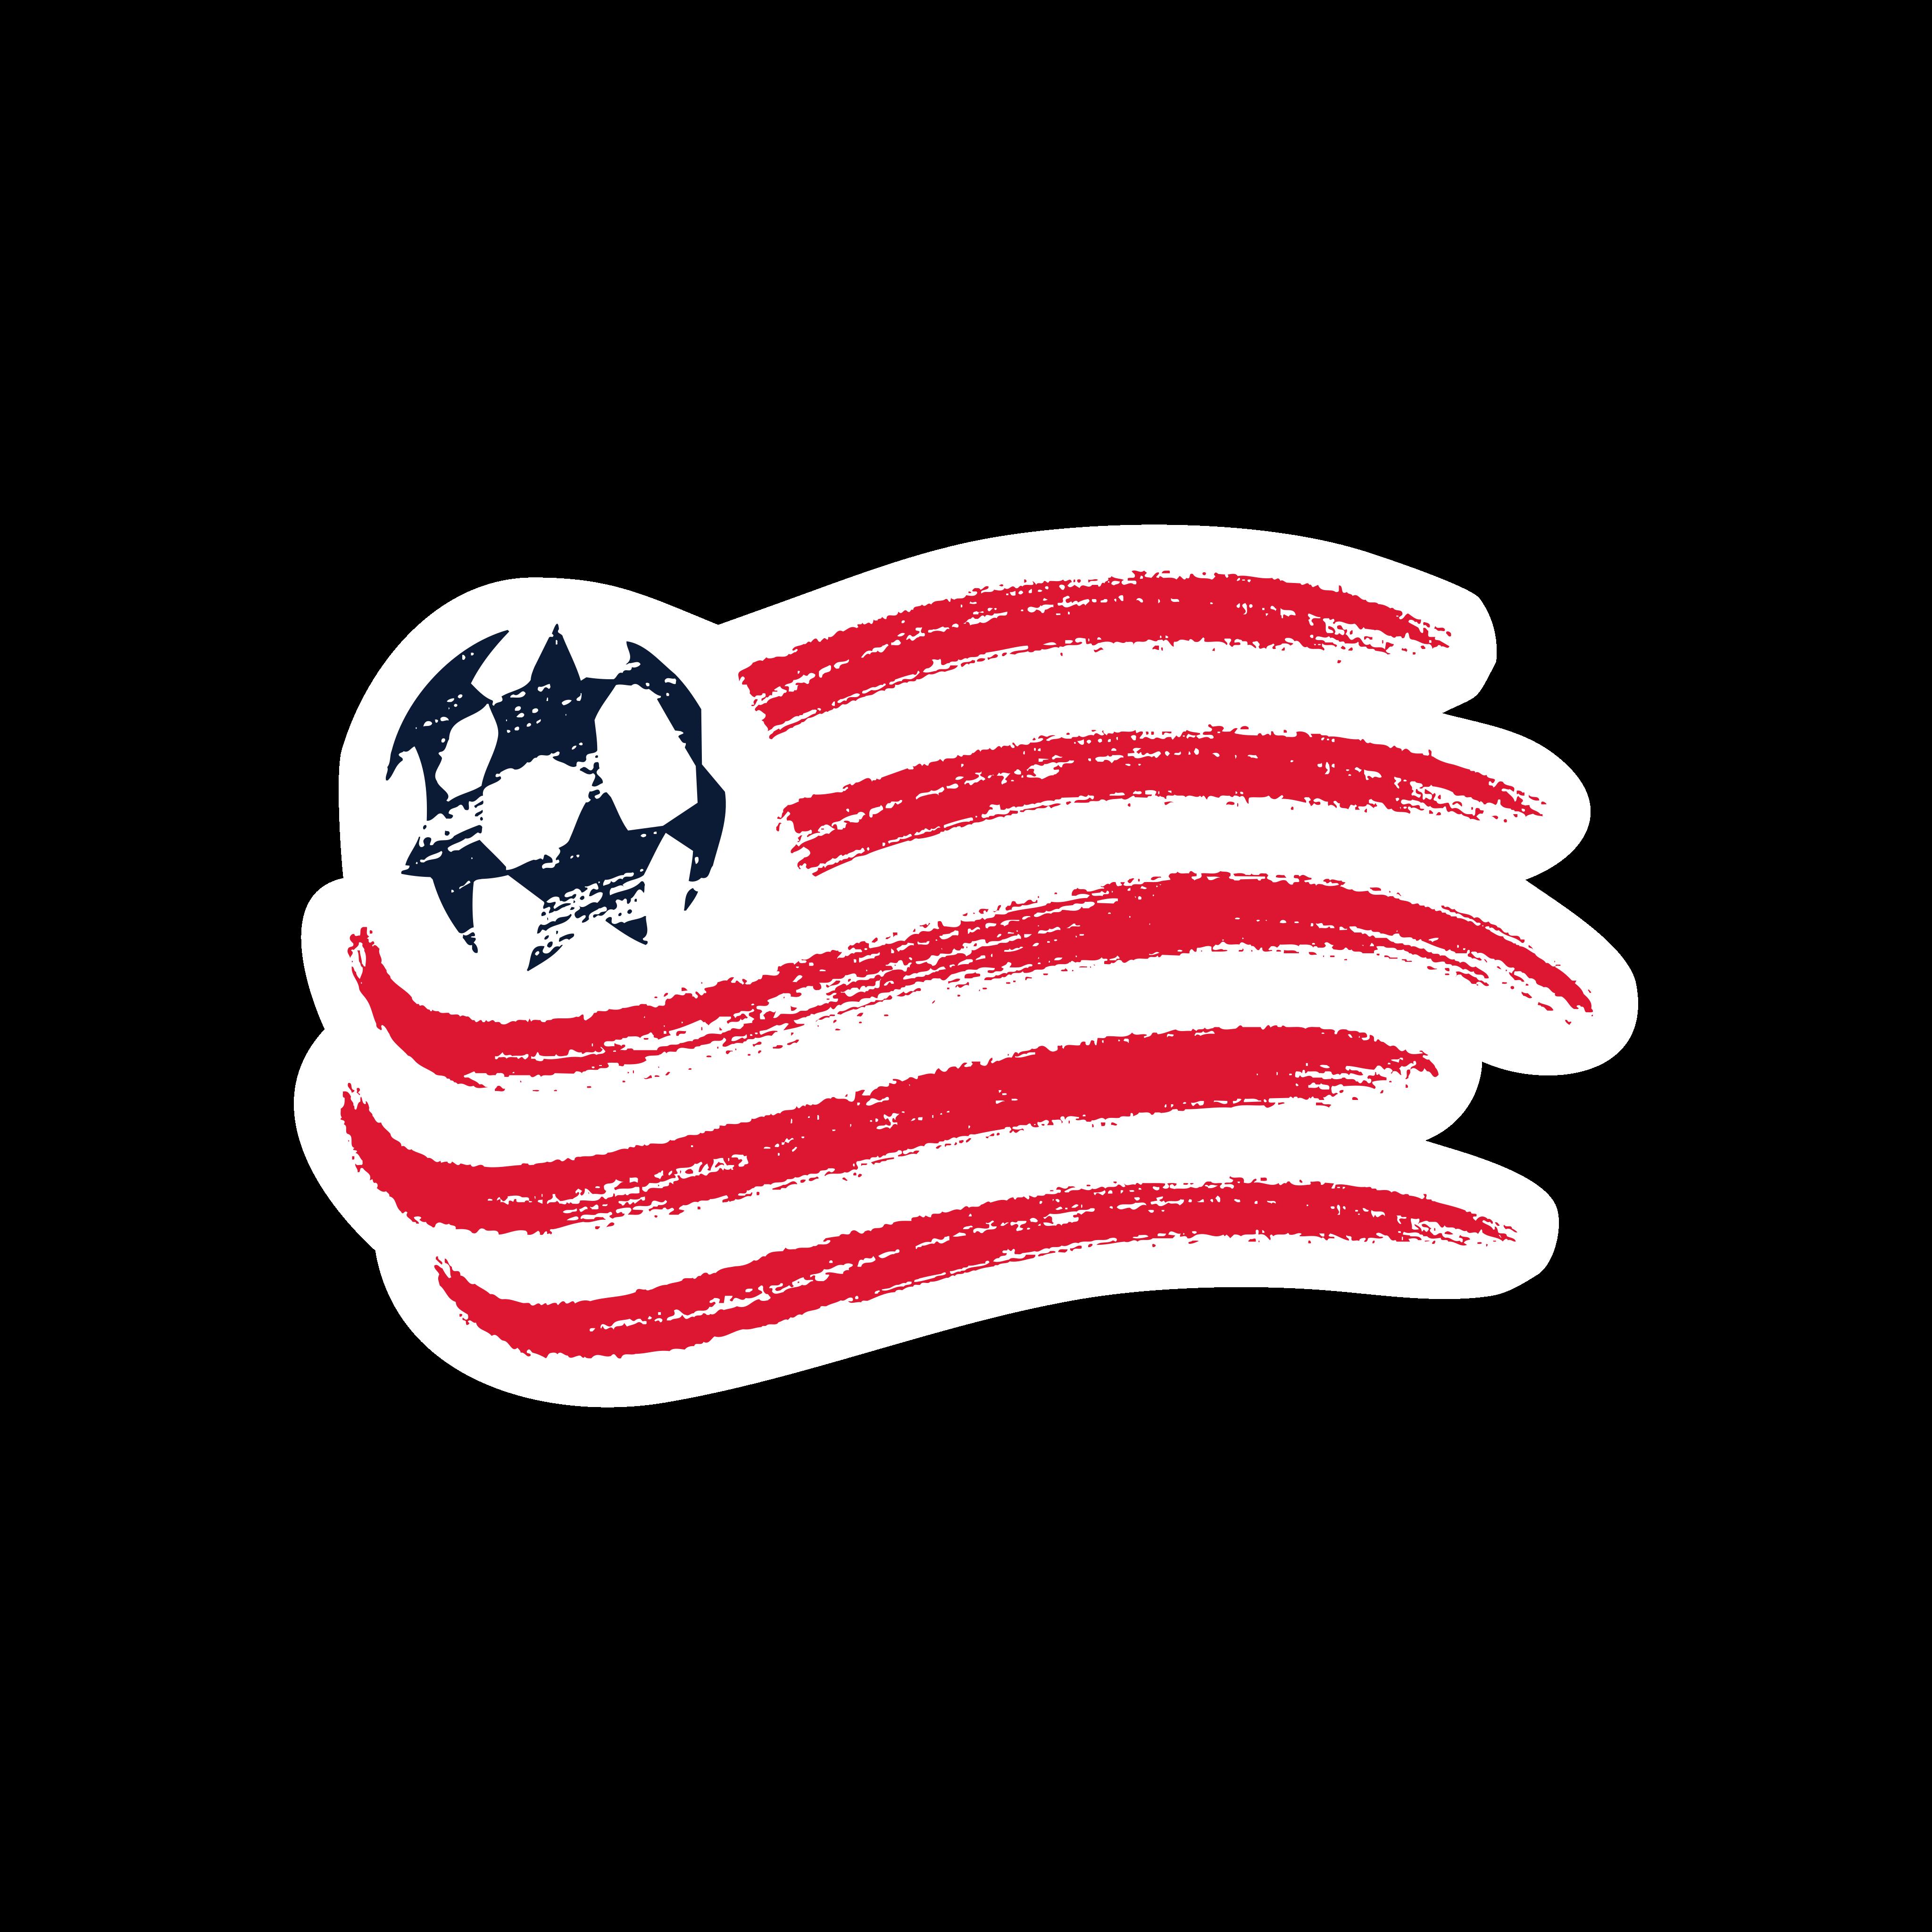 new england revolution logo 0 - New England Revolution Logo